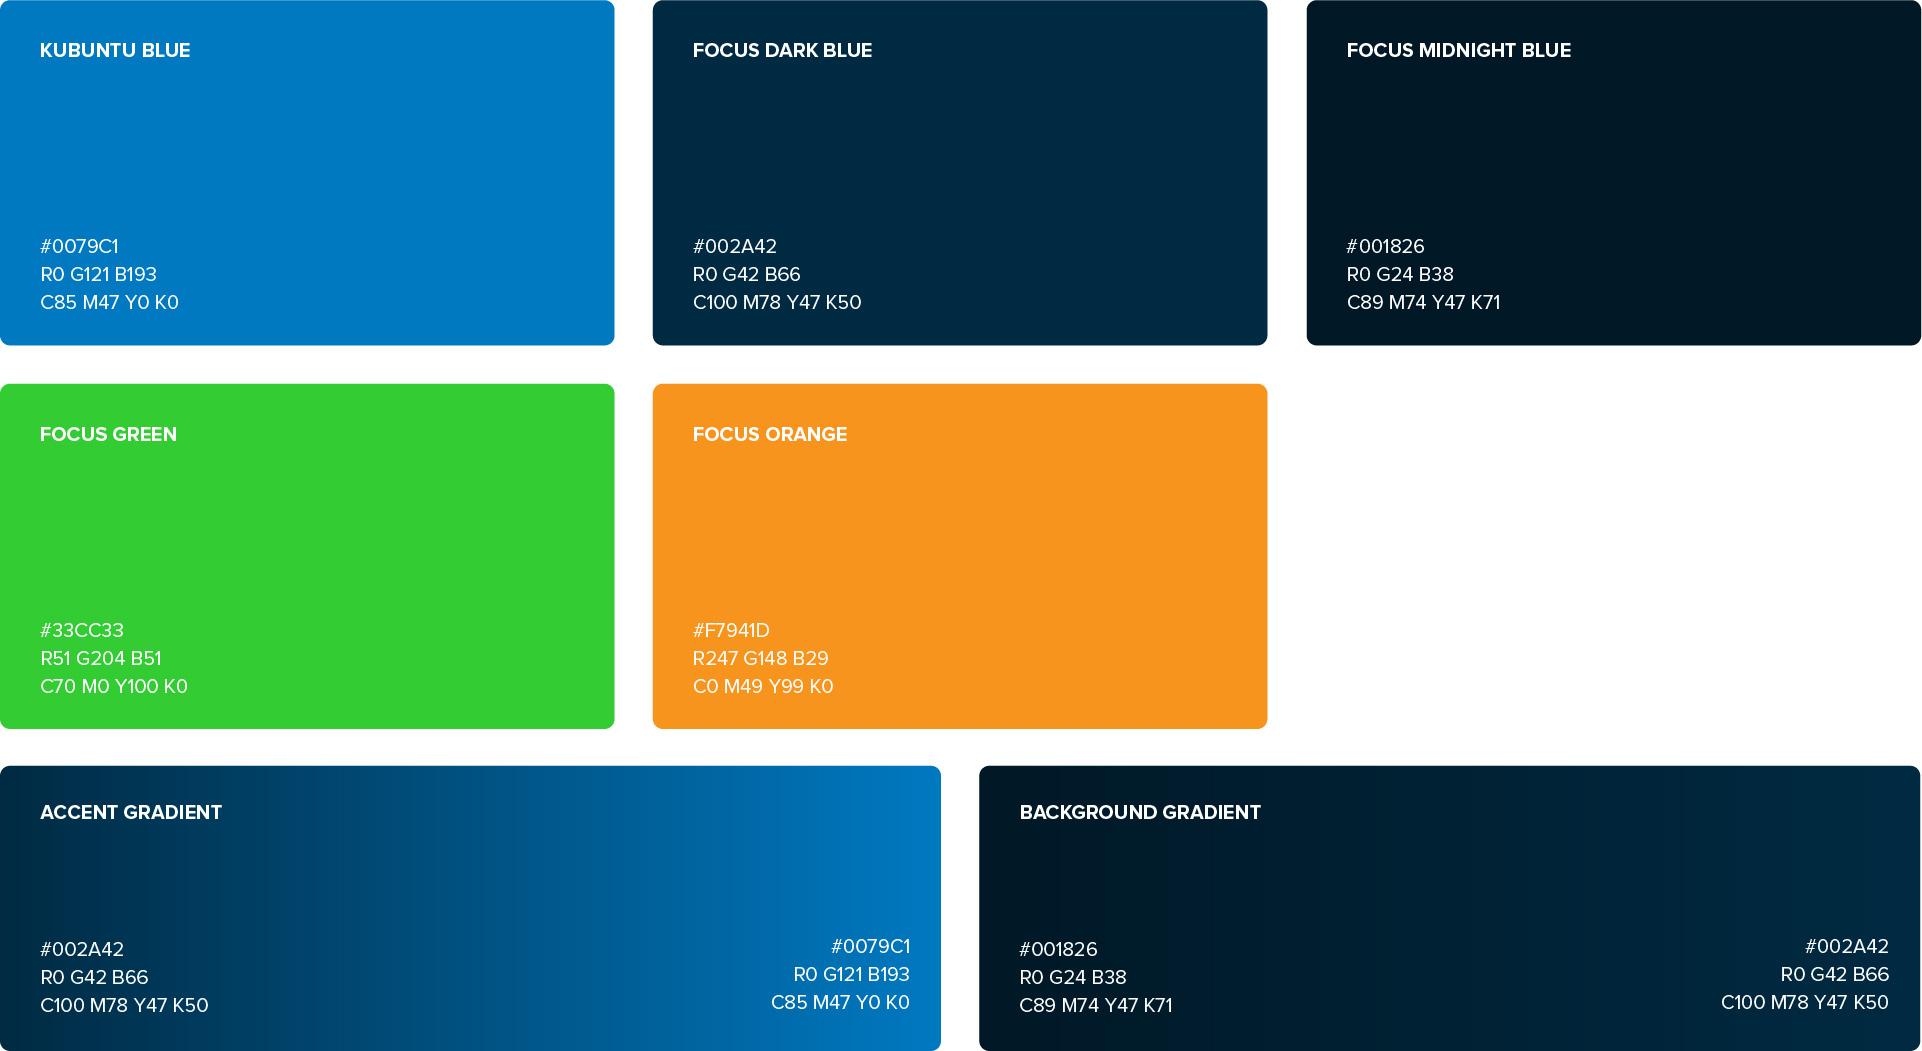 05-kfocus-color_palette